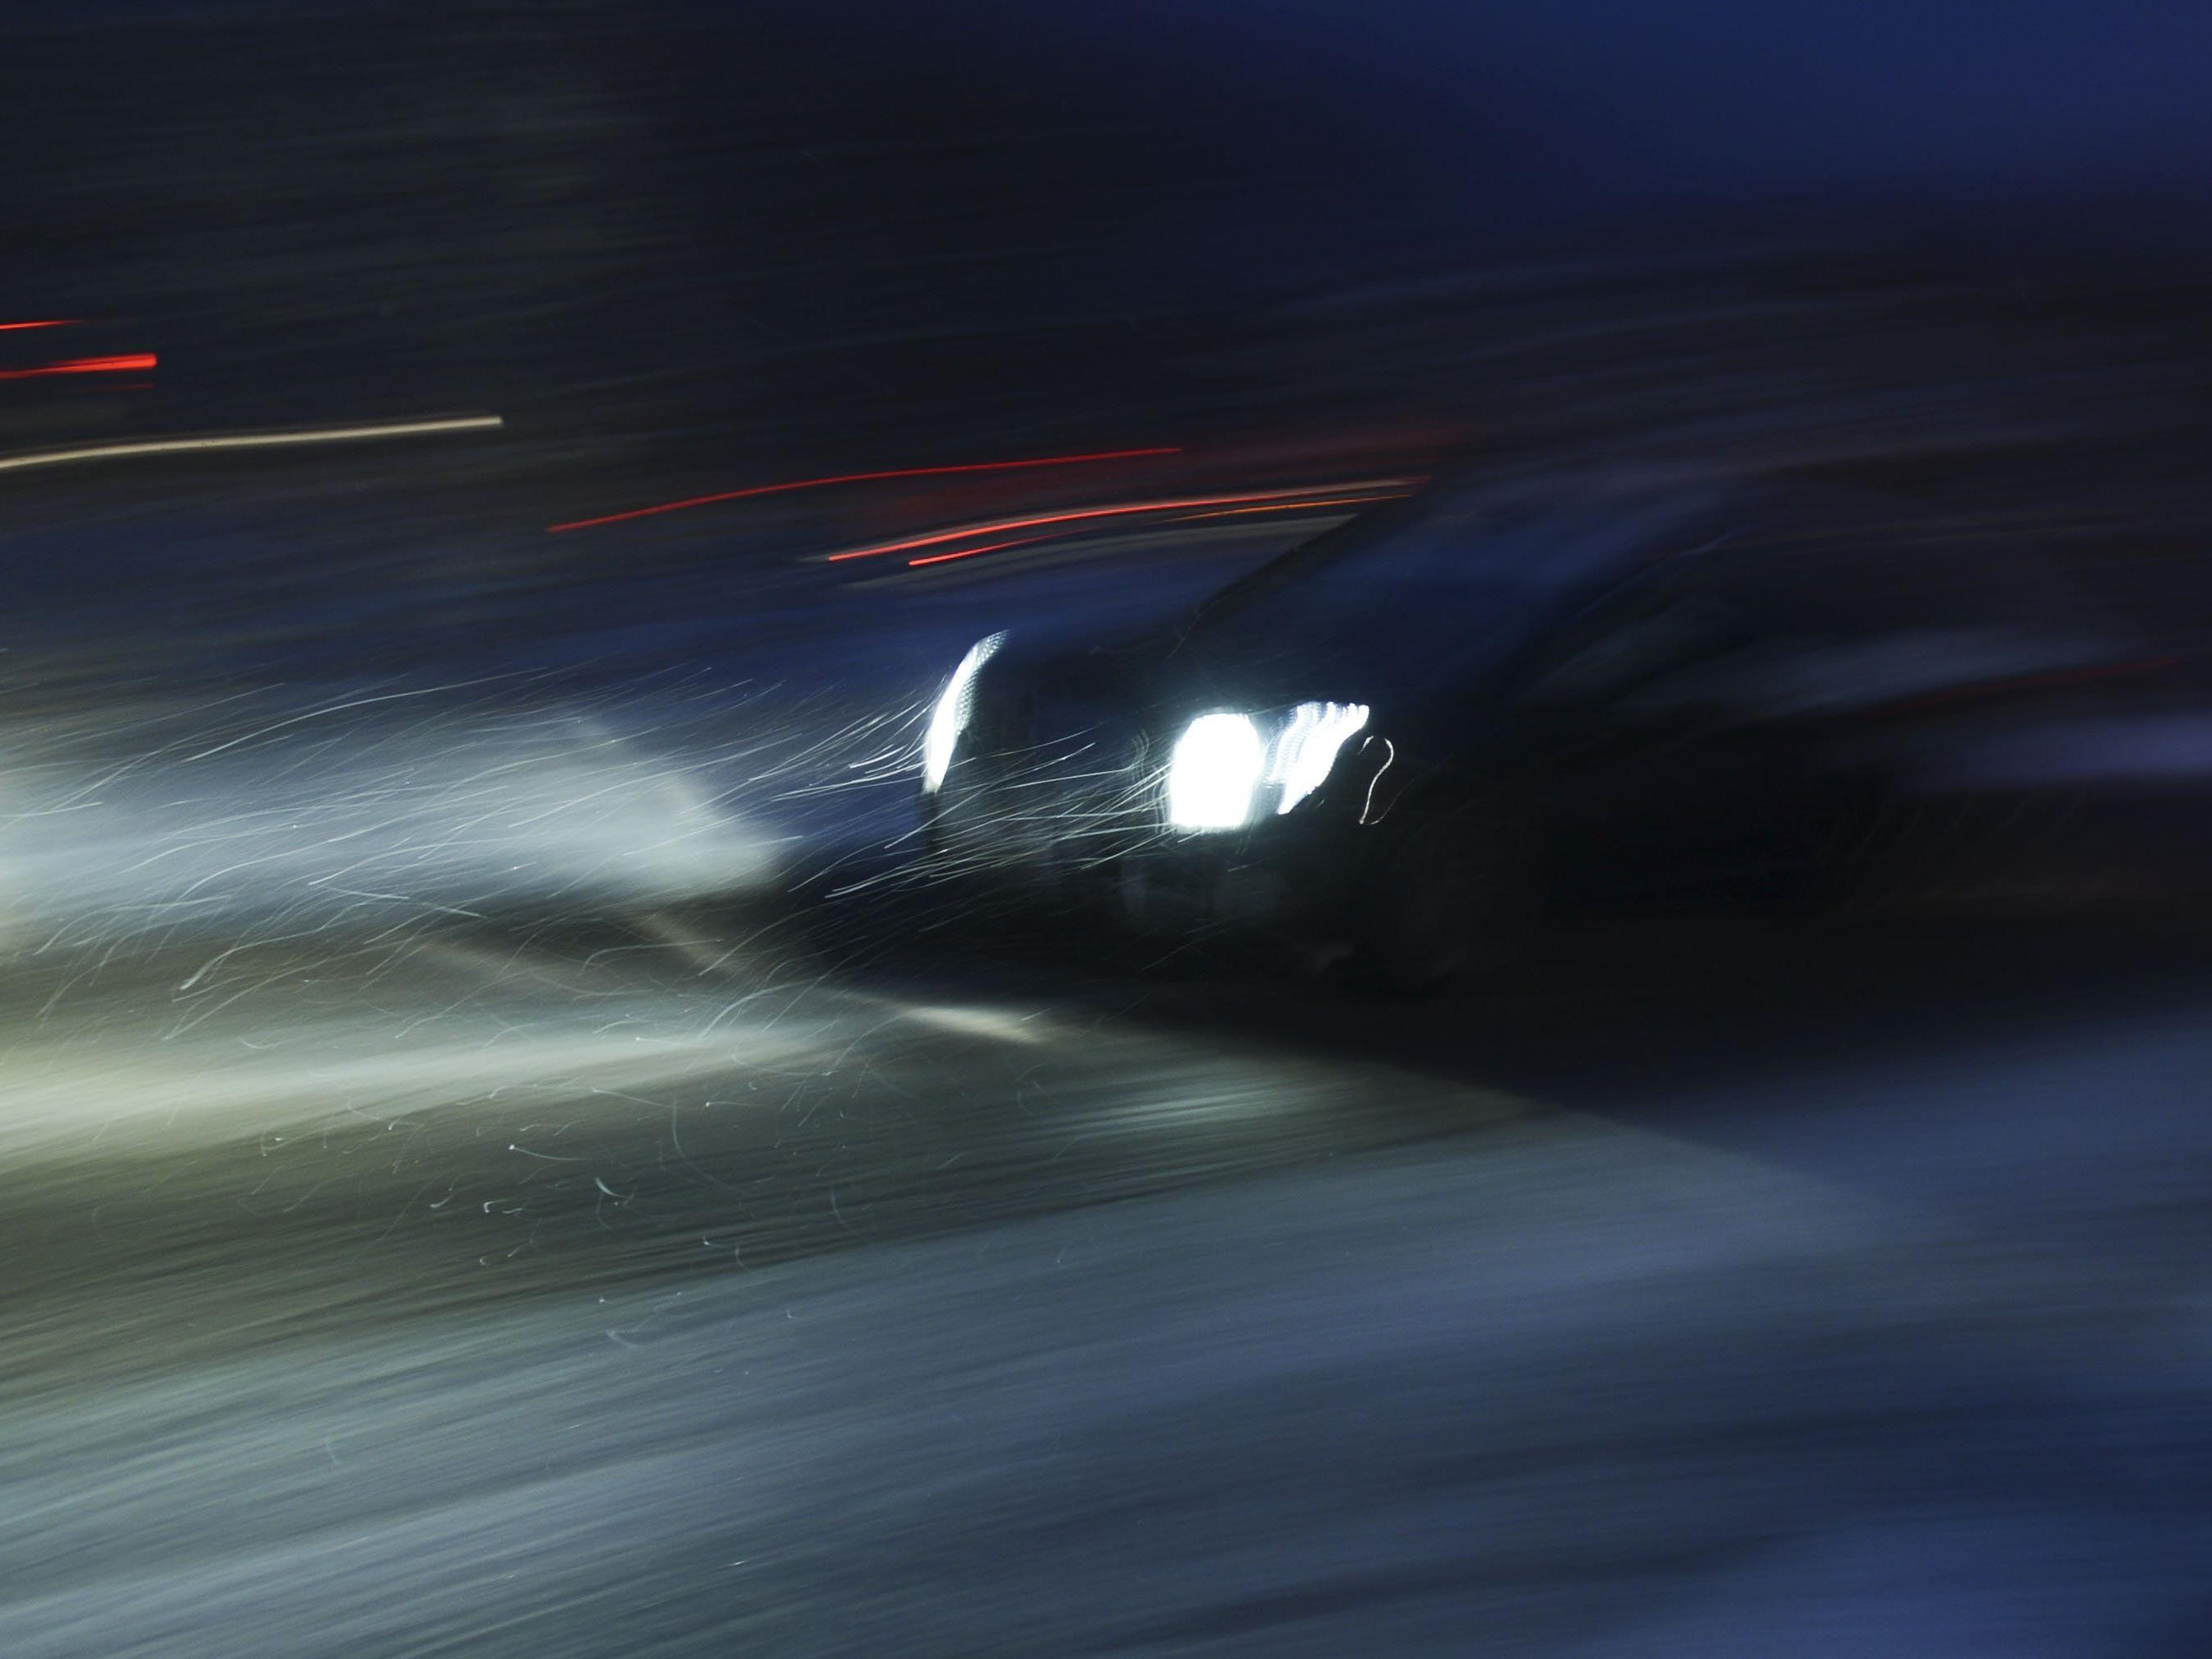 Auf der A21 ereignete sich am 24. Dezember eine Massenkarambolage - fünf Personen wurden verletzt.